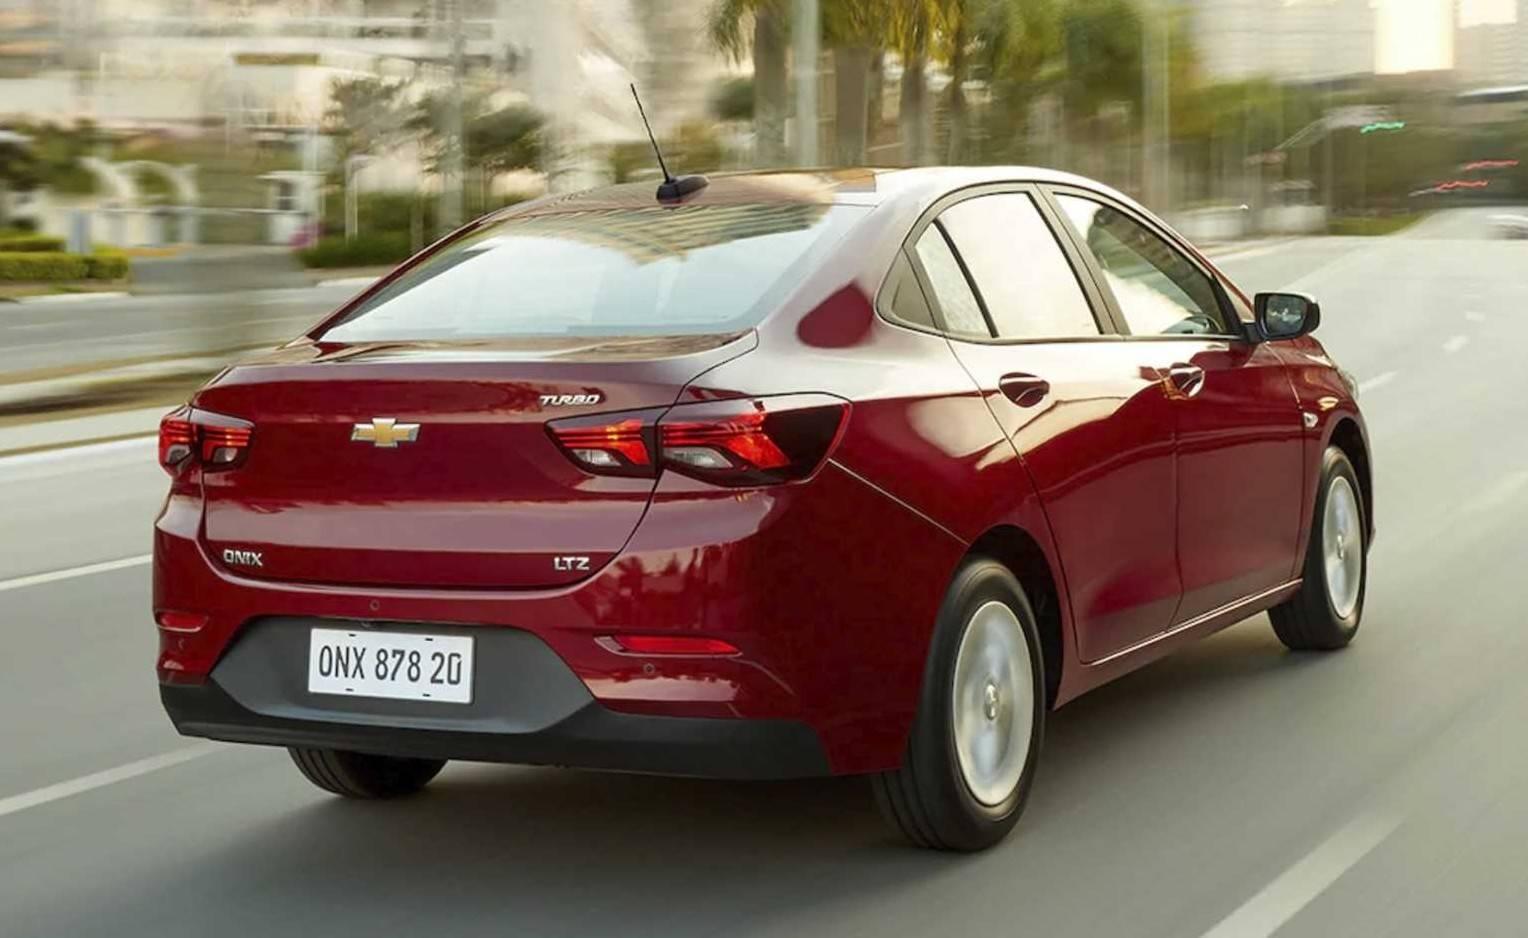 Nova geração do Onix sedã. Foto: Chevrolet/ Divulgação